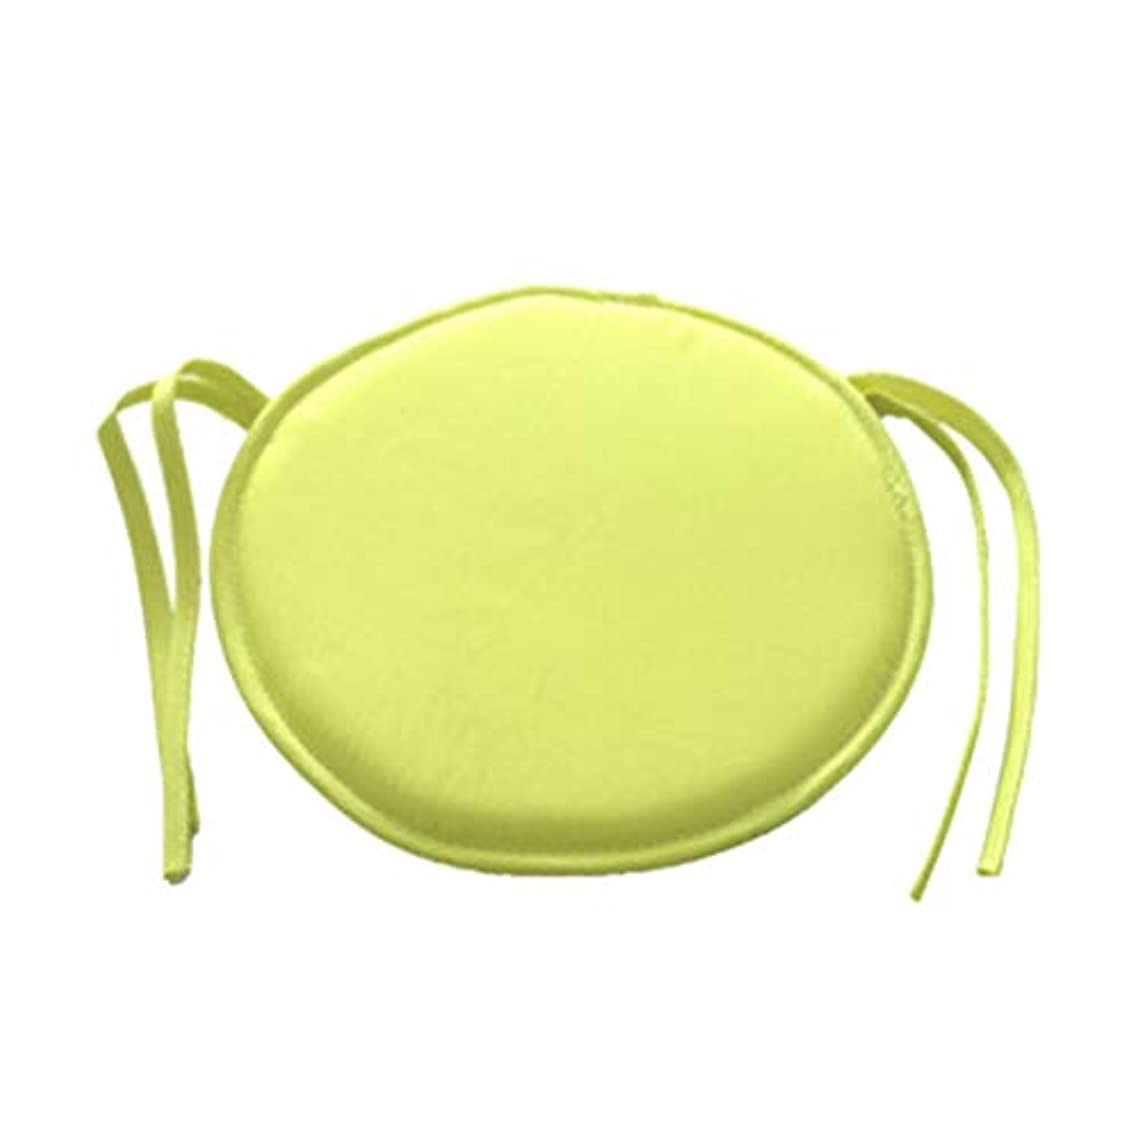 完璧なダースパーフェルビッドLIFE ホット販売ラウンドチェアクッション屋内ポップパティオオフィスチェアシートパッドネクタイスクエアガーデンキッチンダイニングクッション クッション 椅子